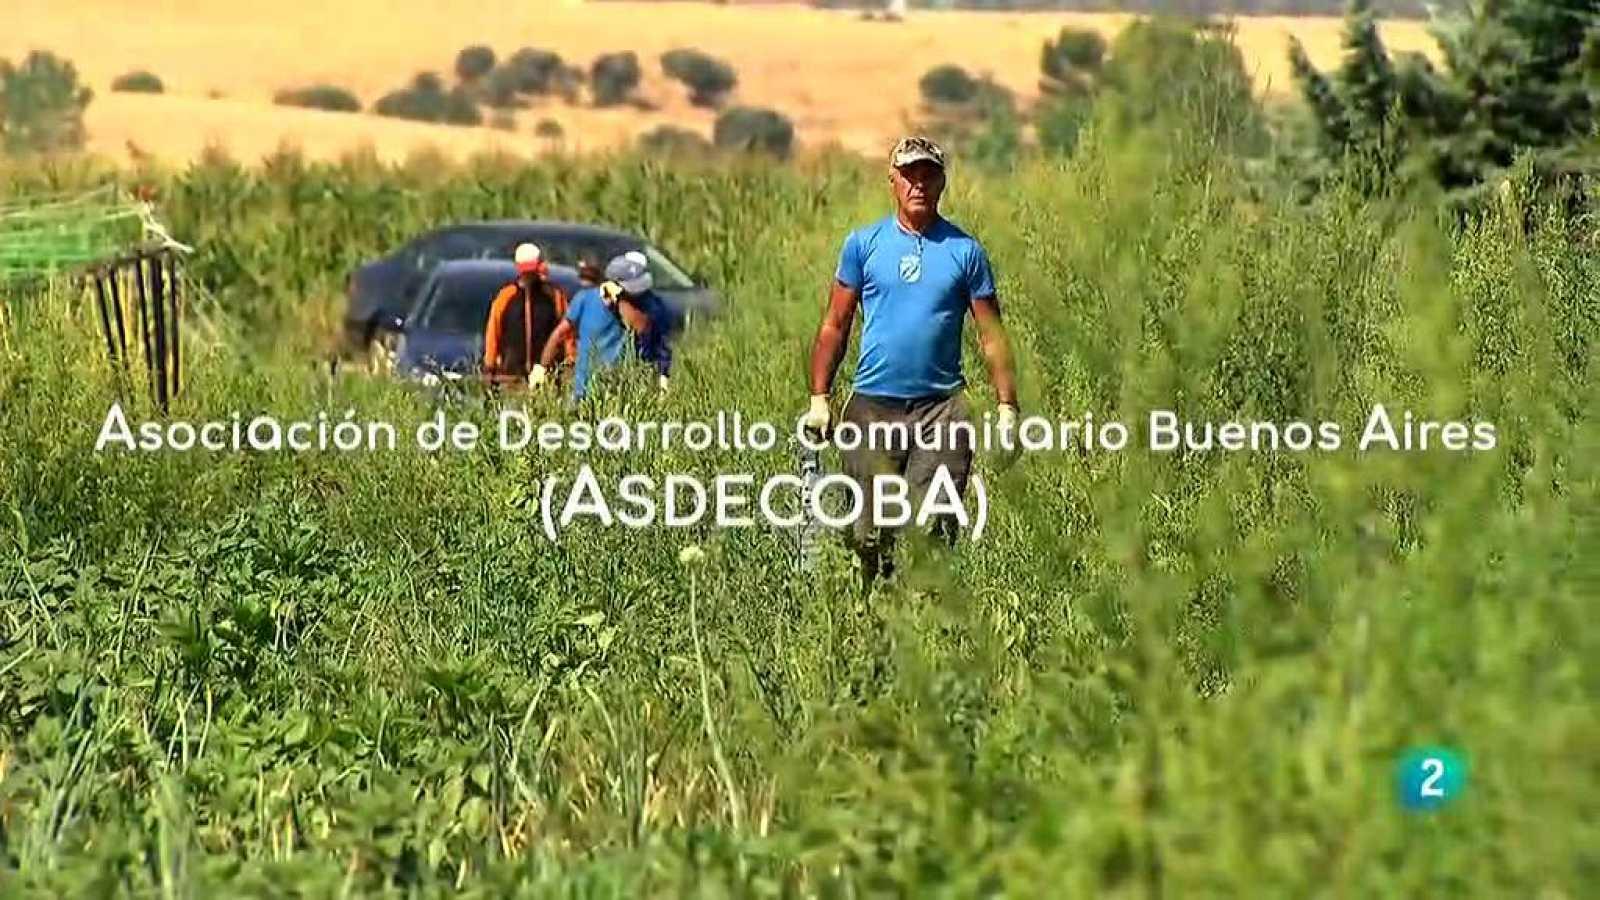 La aventura del saber Asociacion de Desarrollo Comunitario Buenos Aires ASDECOBA ecológica catering narcotrafico #AventuraSaberSociedad